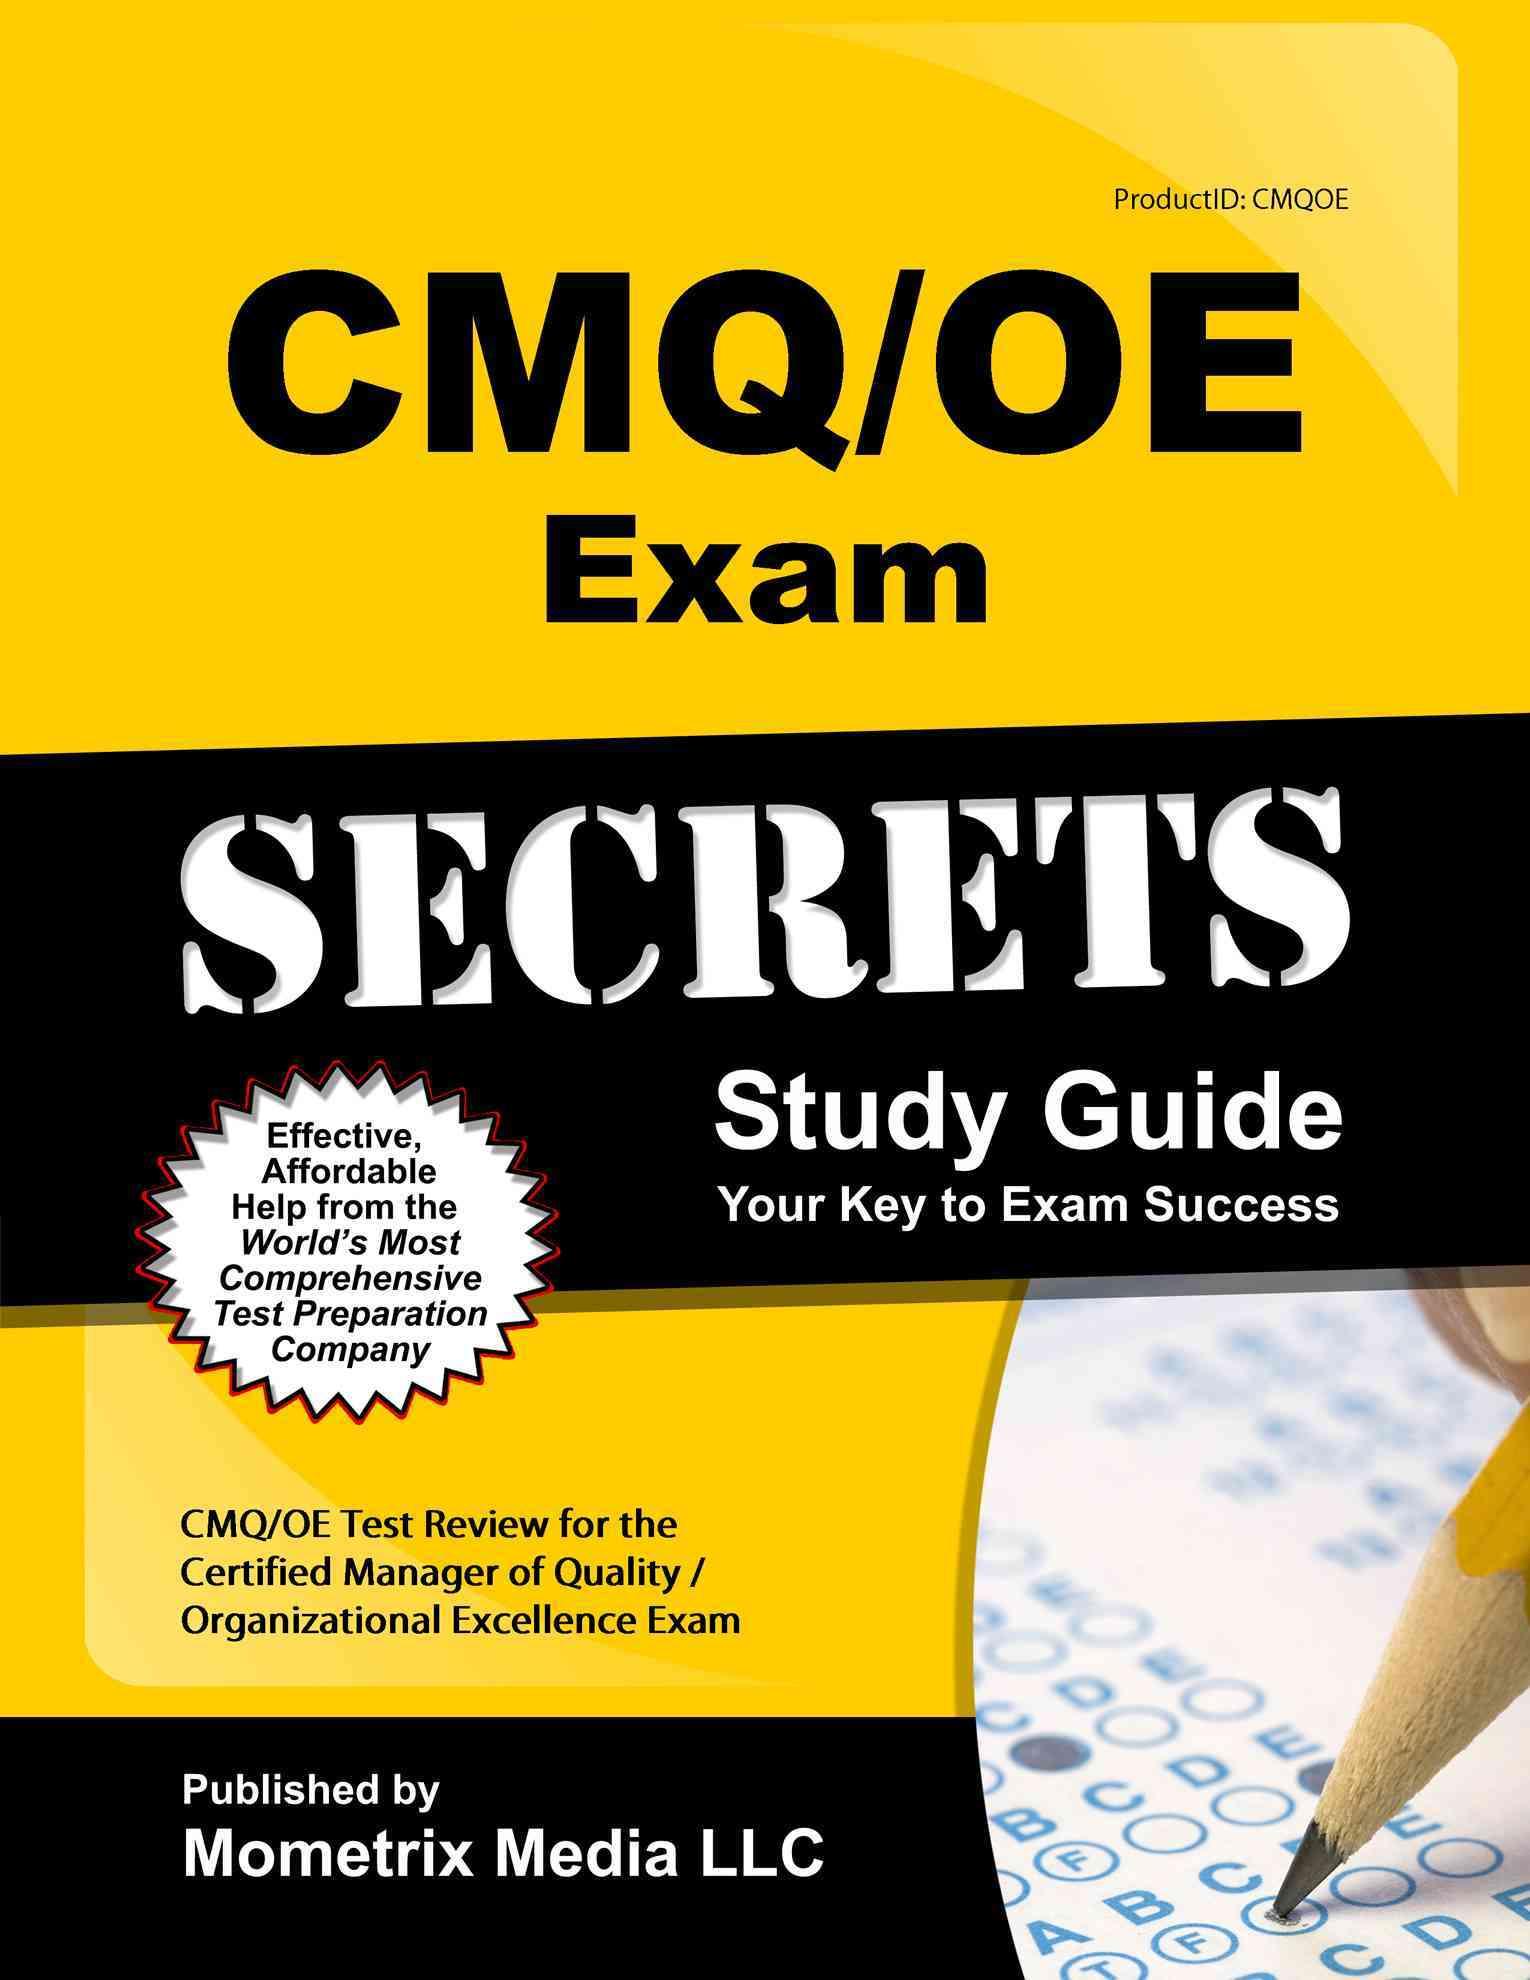 Cmq/Oe Exam Secrets Study Guide By Cmq/Oe Exam Secrets (EDT)